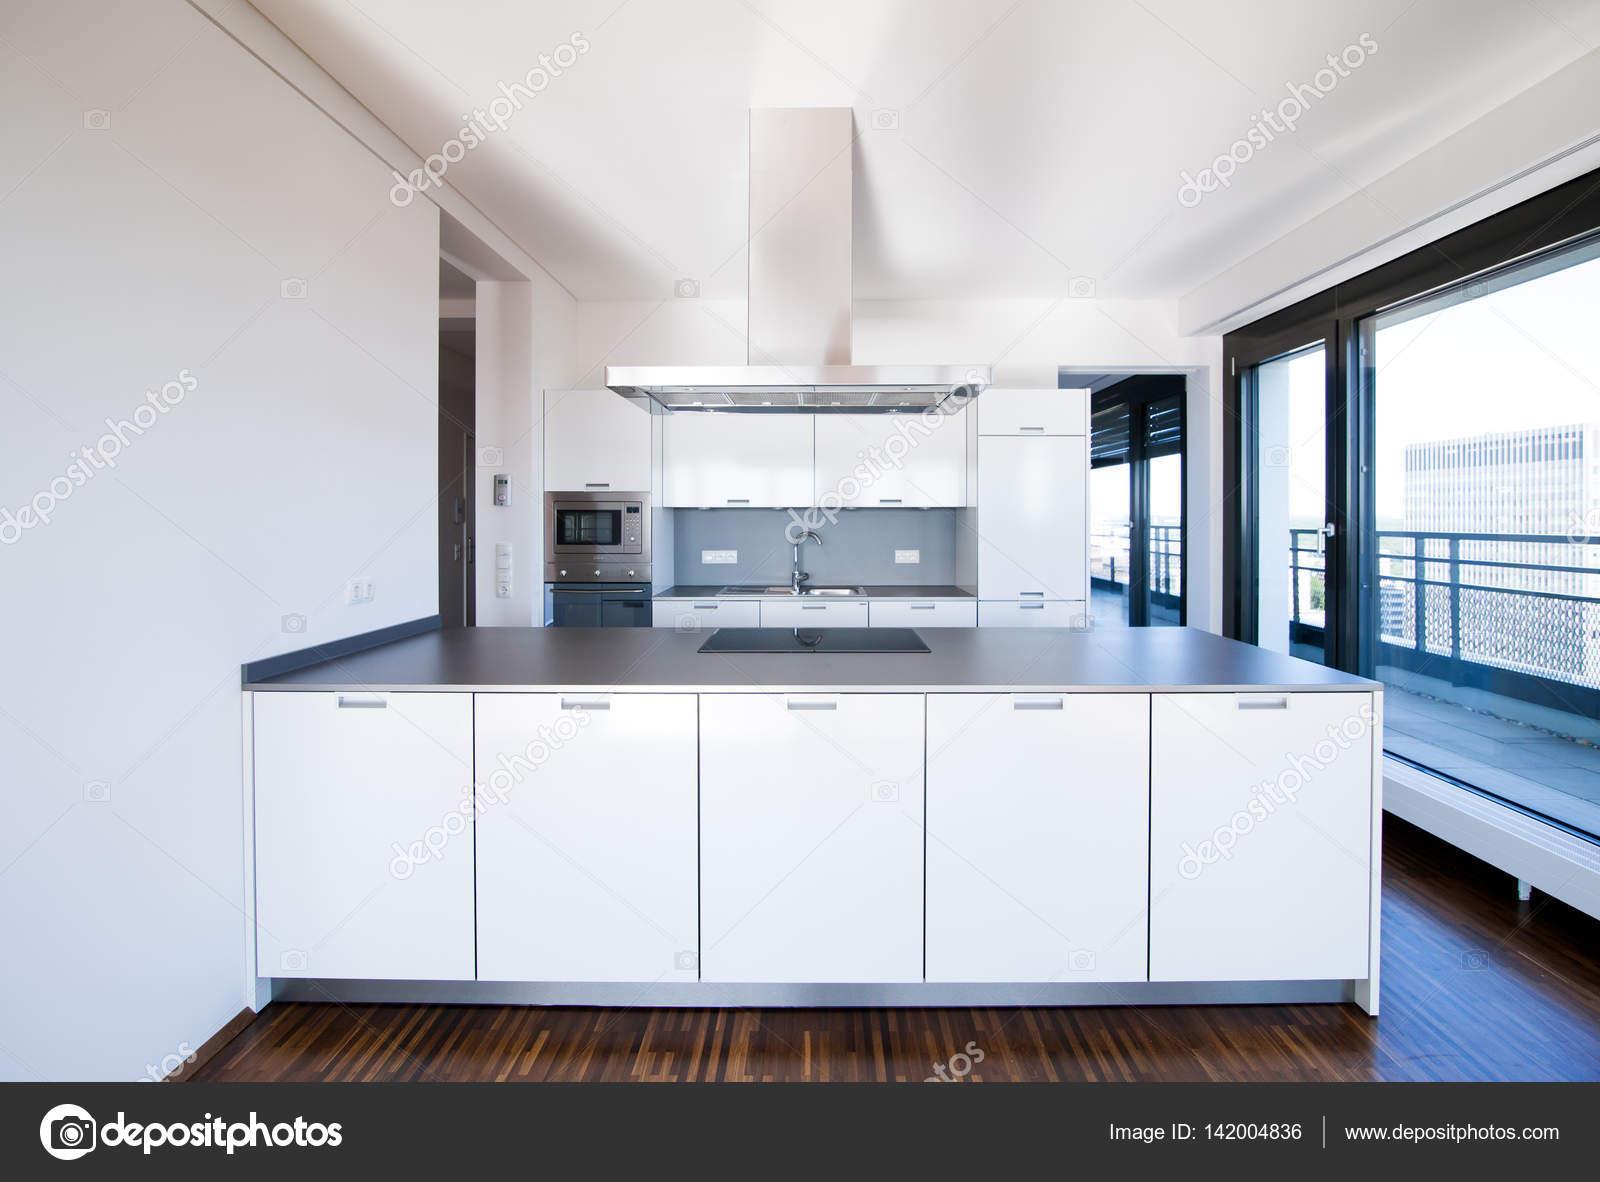 Minimalistische keuken interieur — Stockfoto © telesniuk #142004836